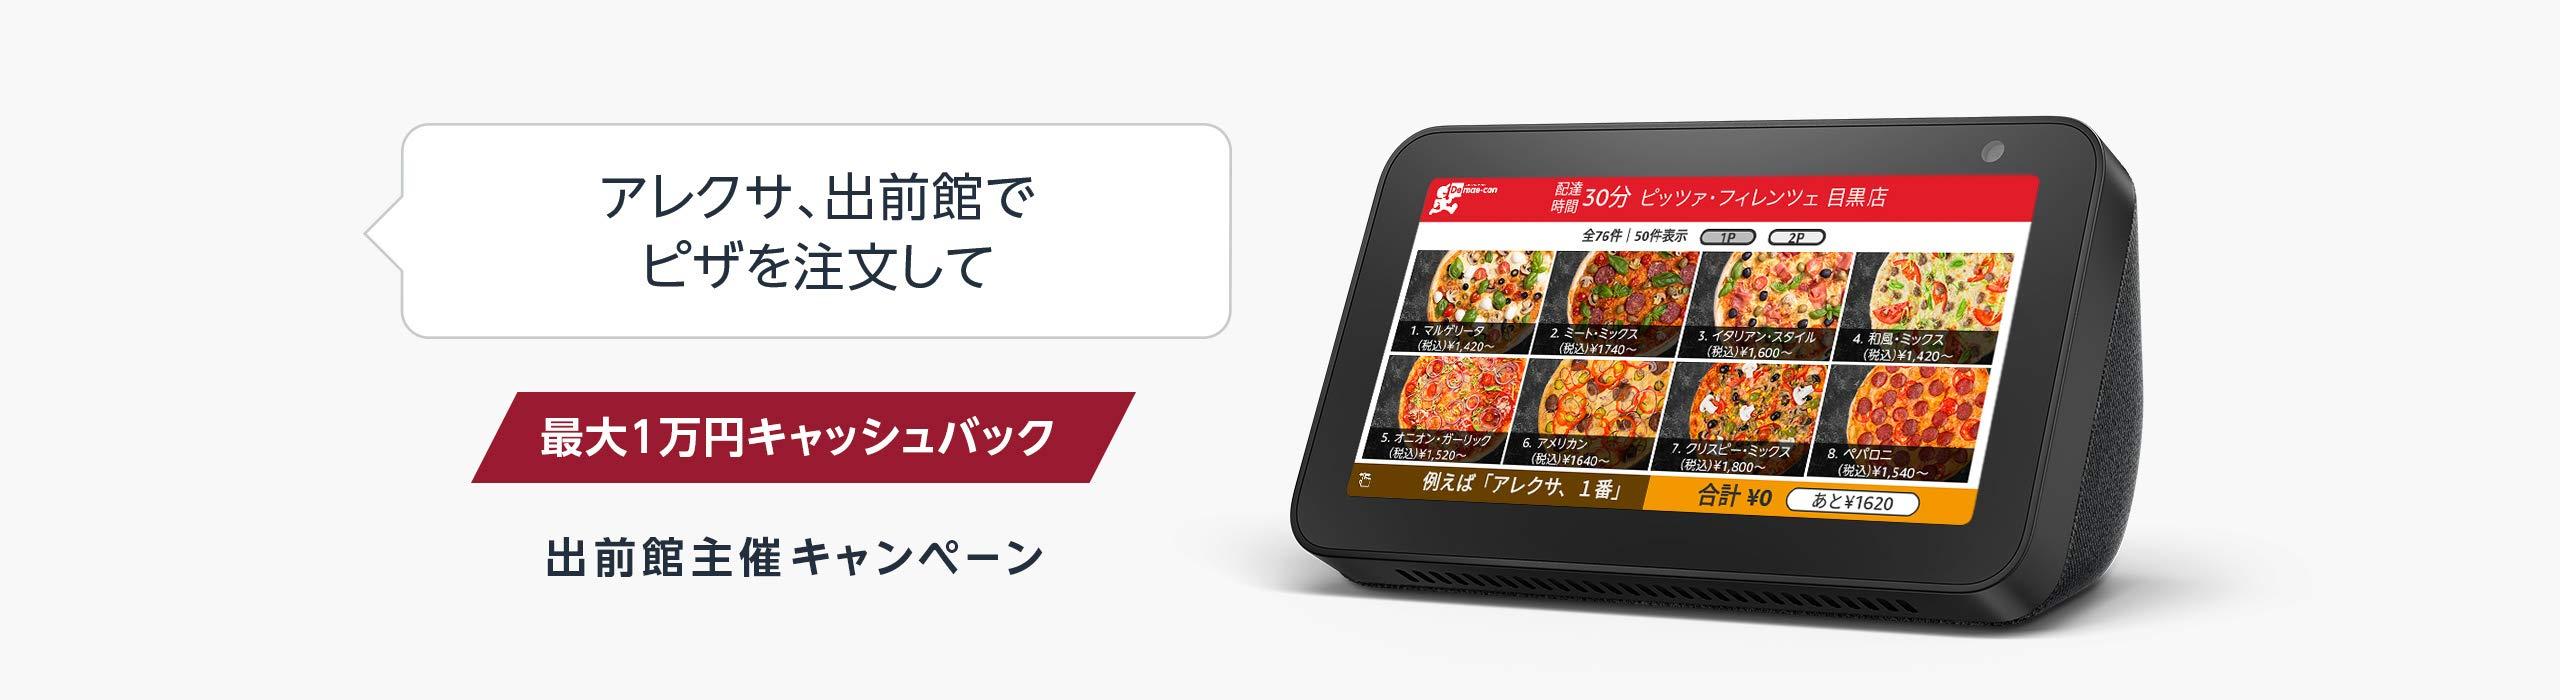 アマゾンでアレクサ経由で、初めて出前館でピザやら寿司やら注文でもれなく最大1万円までキャッシュバック。~11/21。